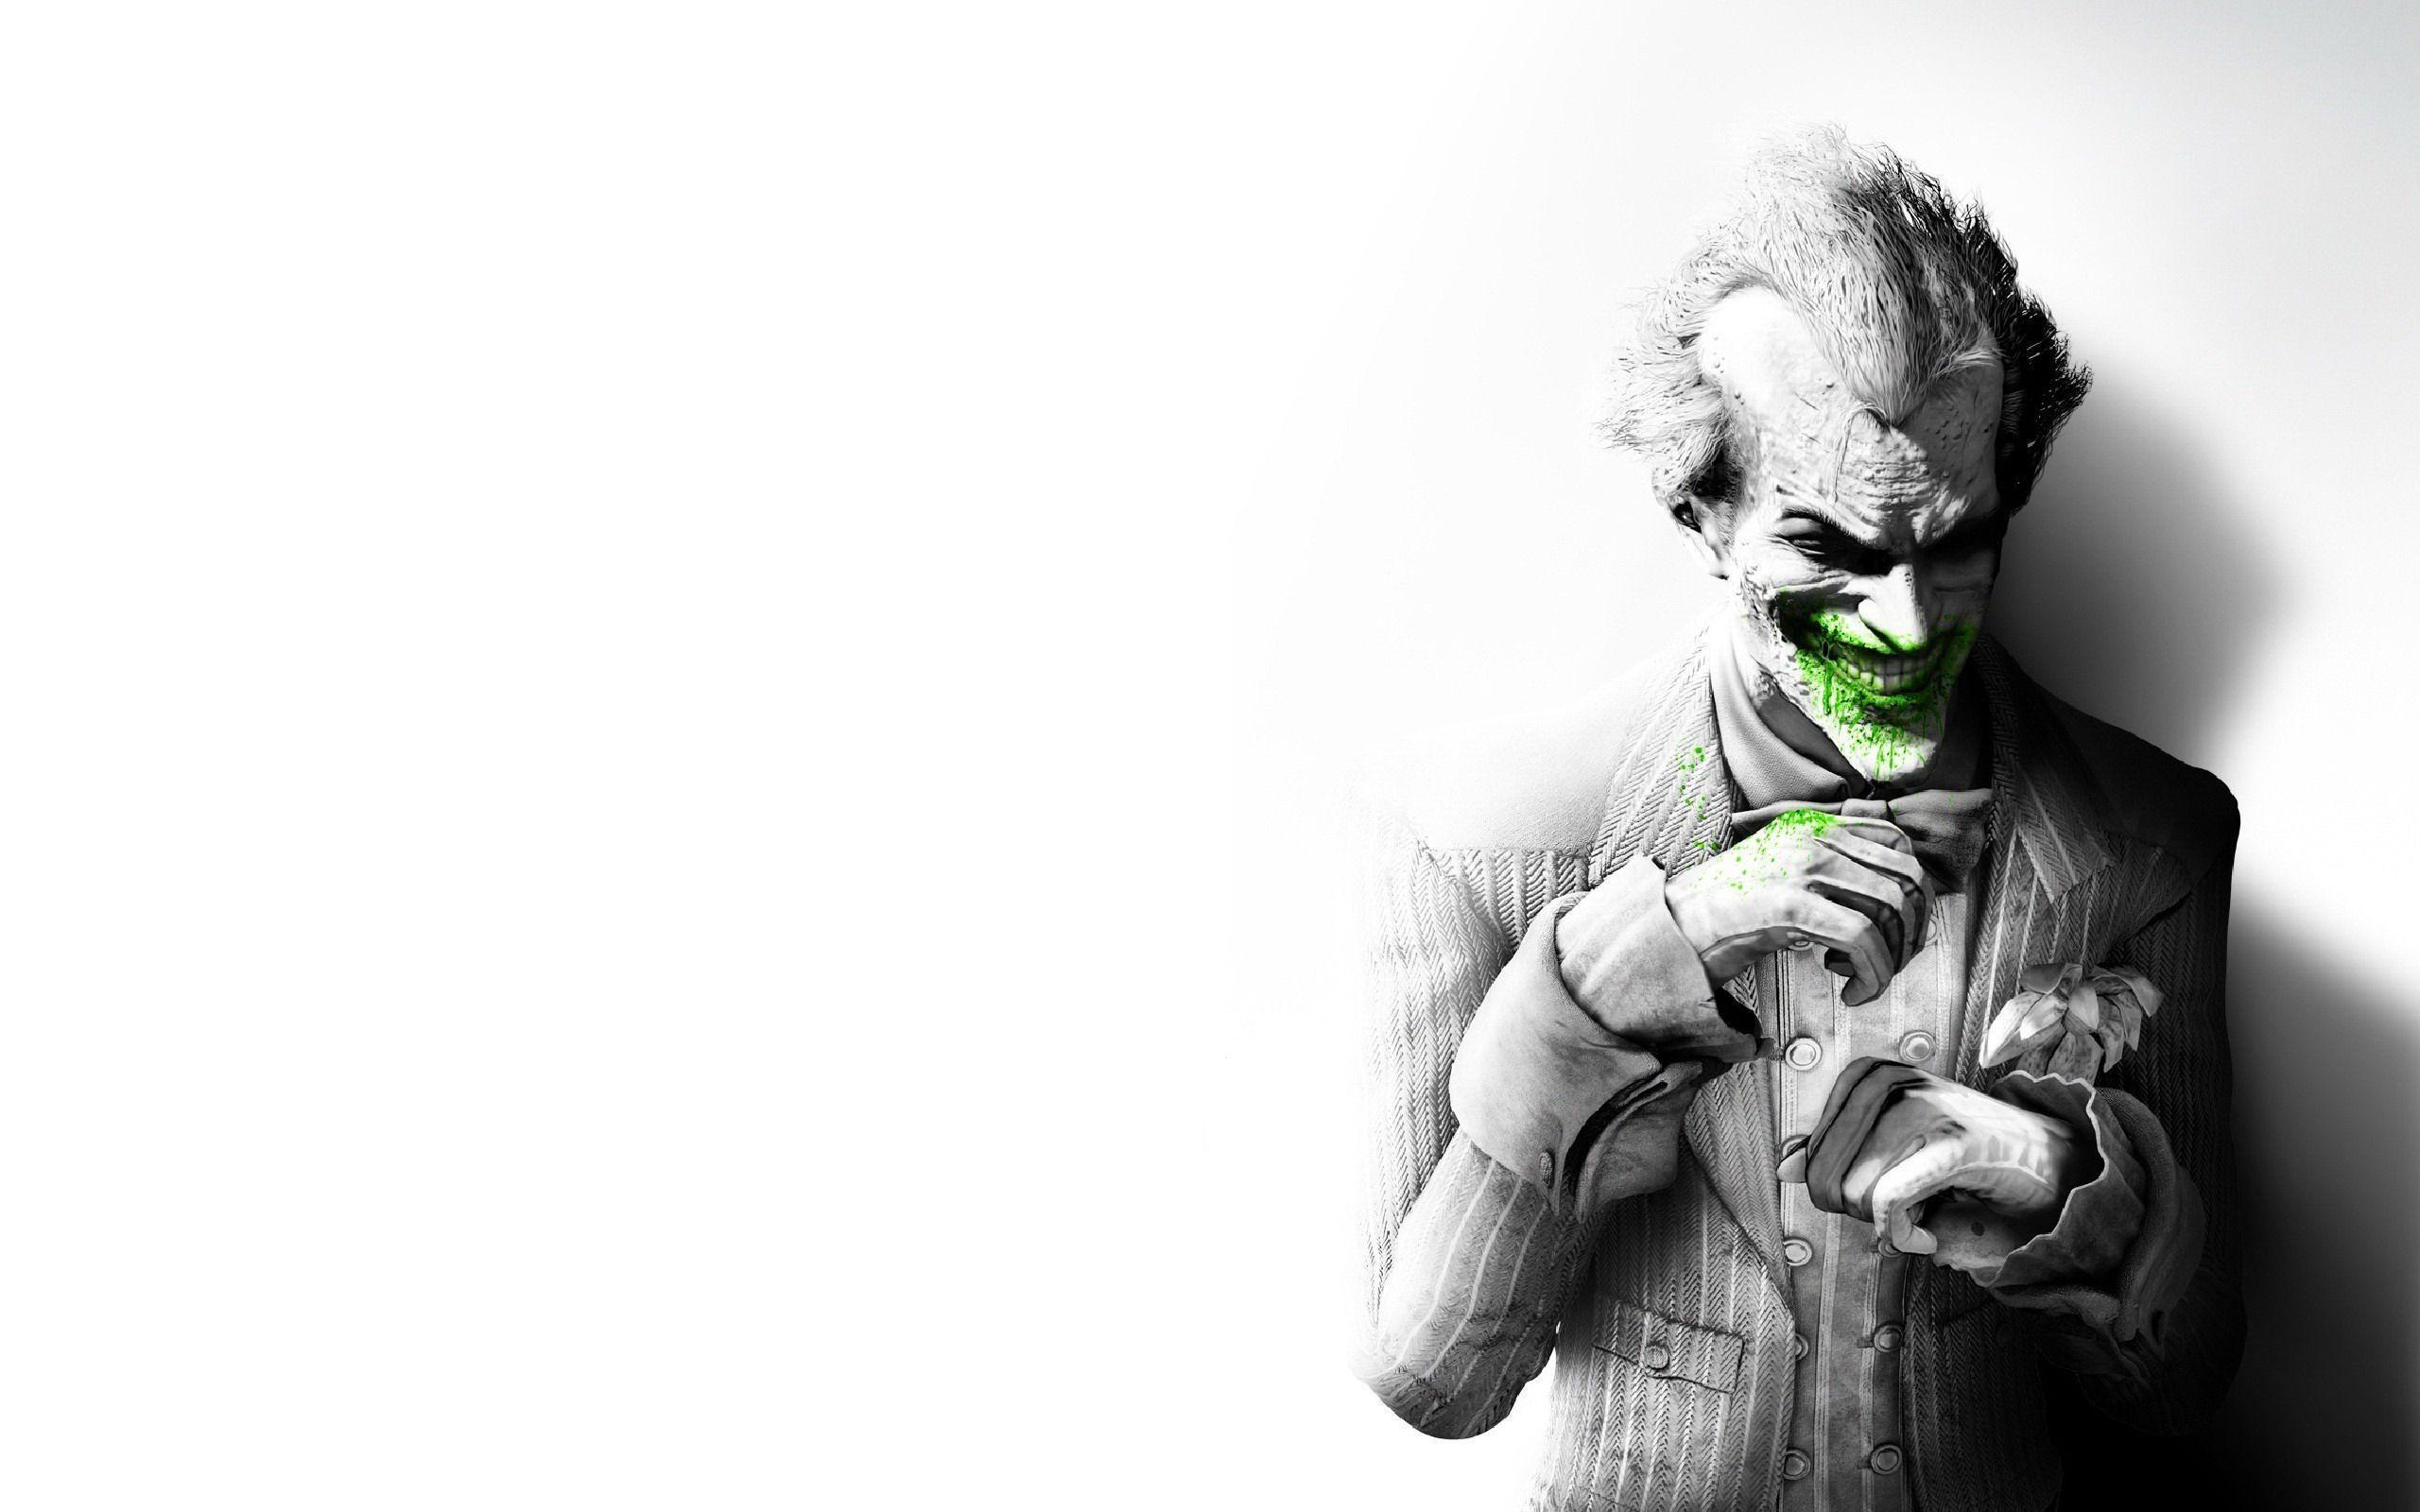 Wallpaper joker 1920x1080